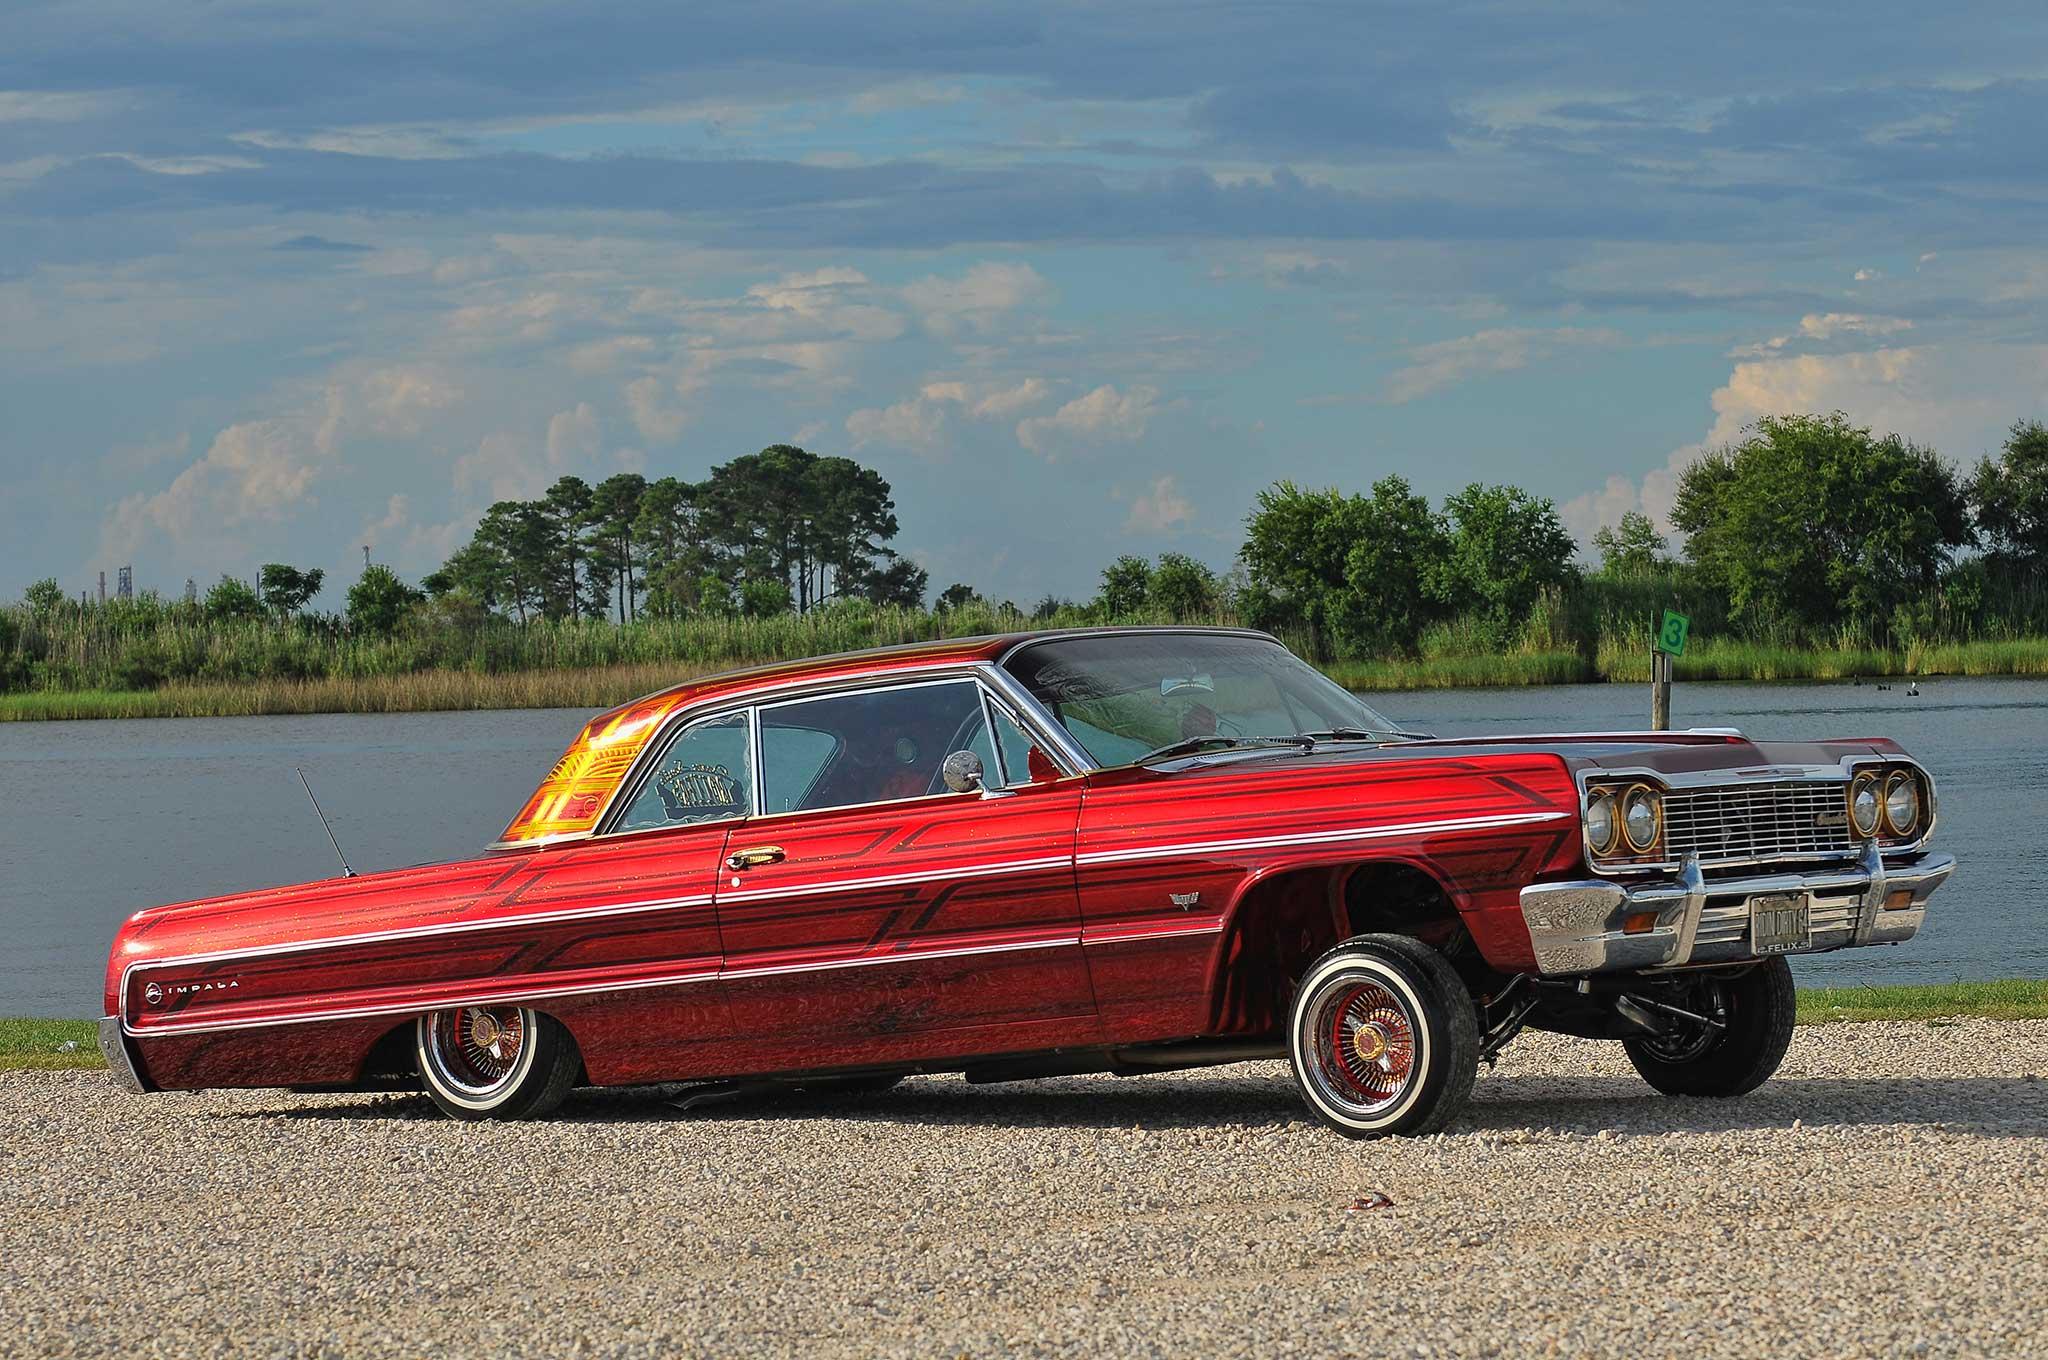 Kelebihan Kekurangan Impala 64 Spesifikasi